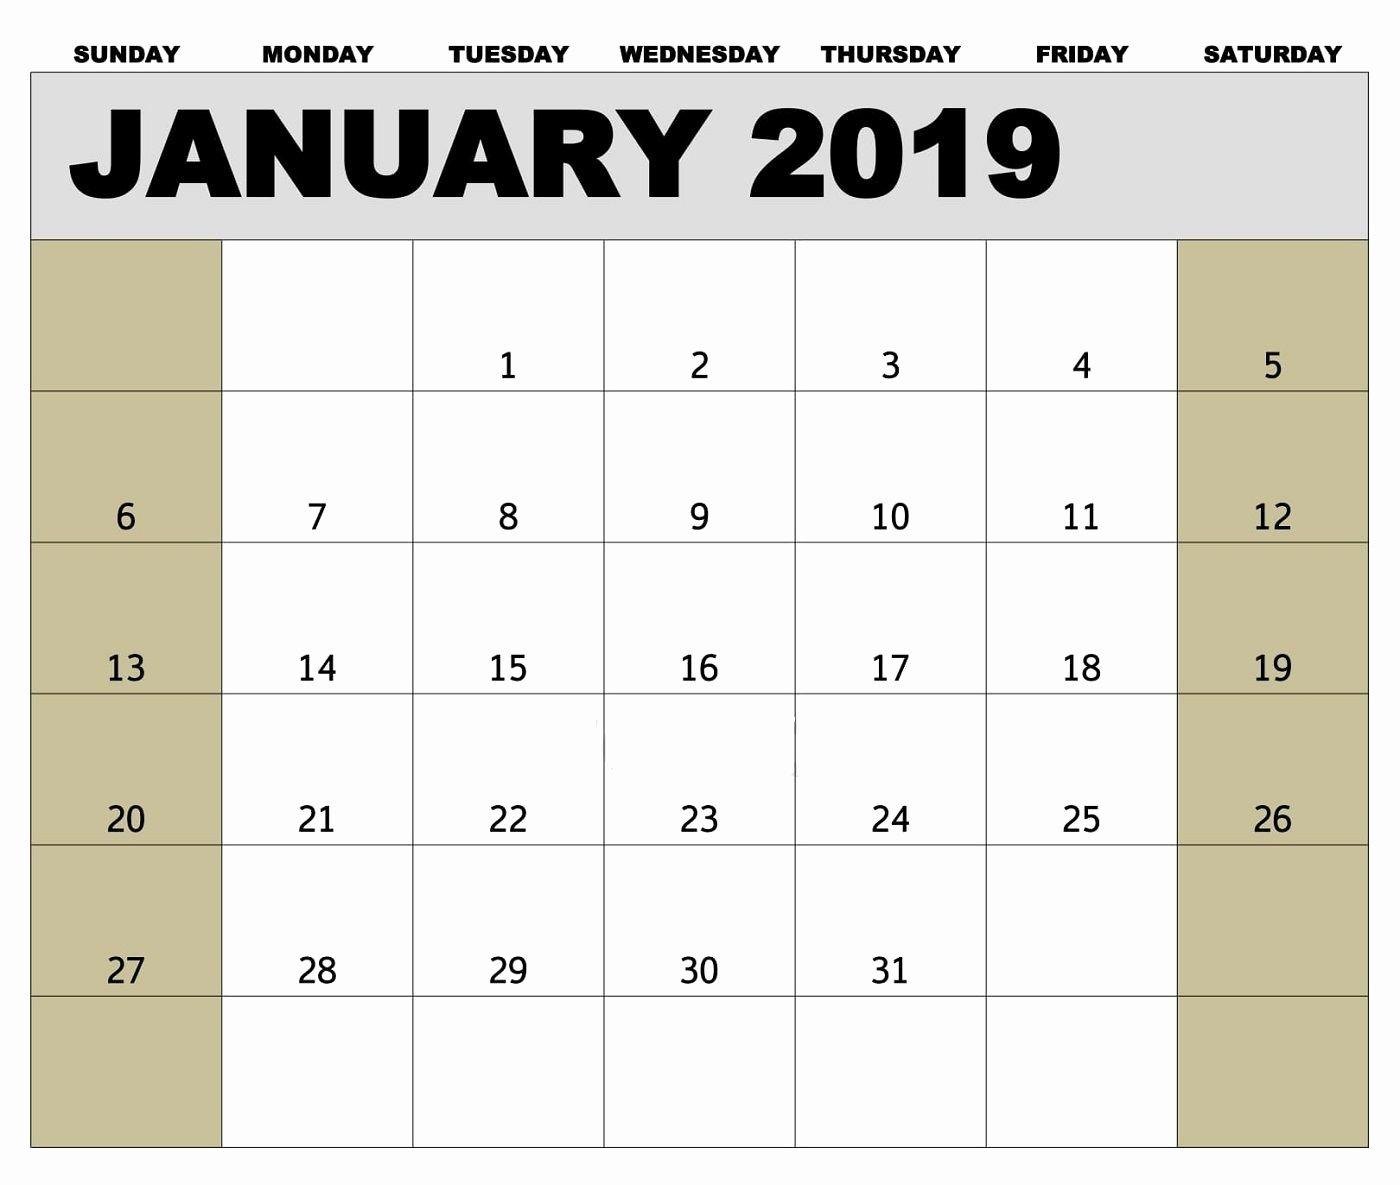 Weekly Payroll Calendar 2019 Beautiful January 2019 Biweekly Payroll Calendar Template for